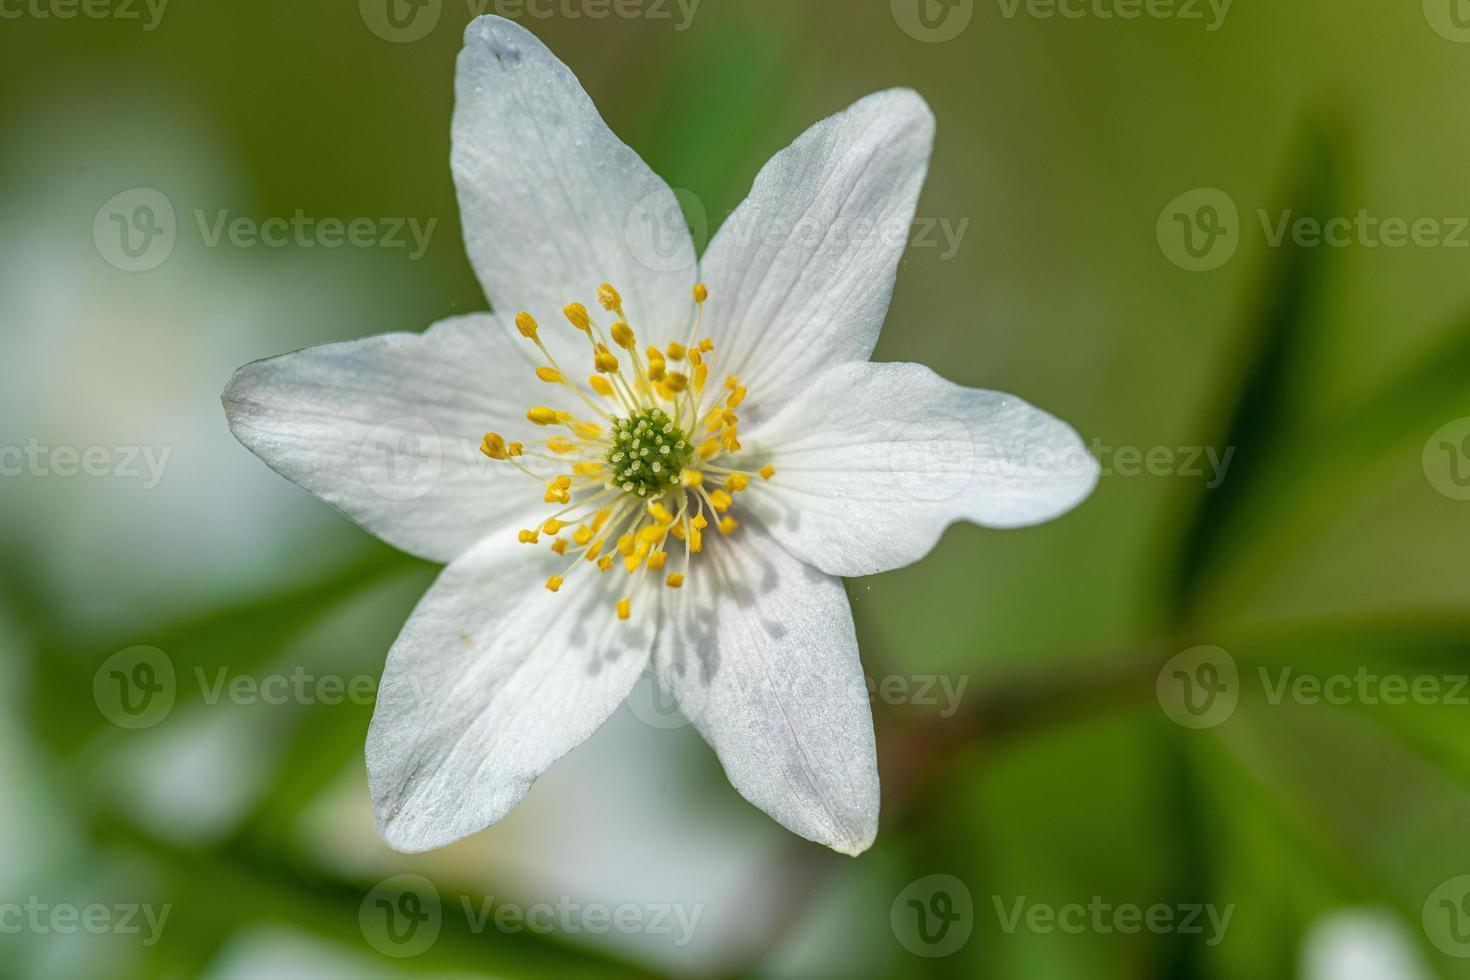 närbild av en träanemonblomma i full blom foto